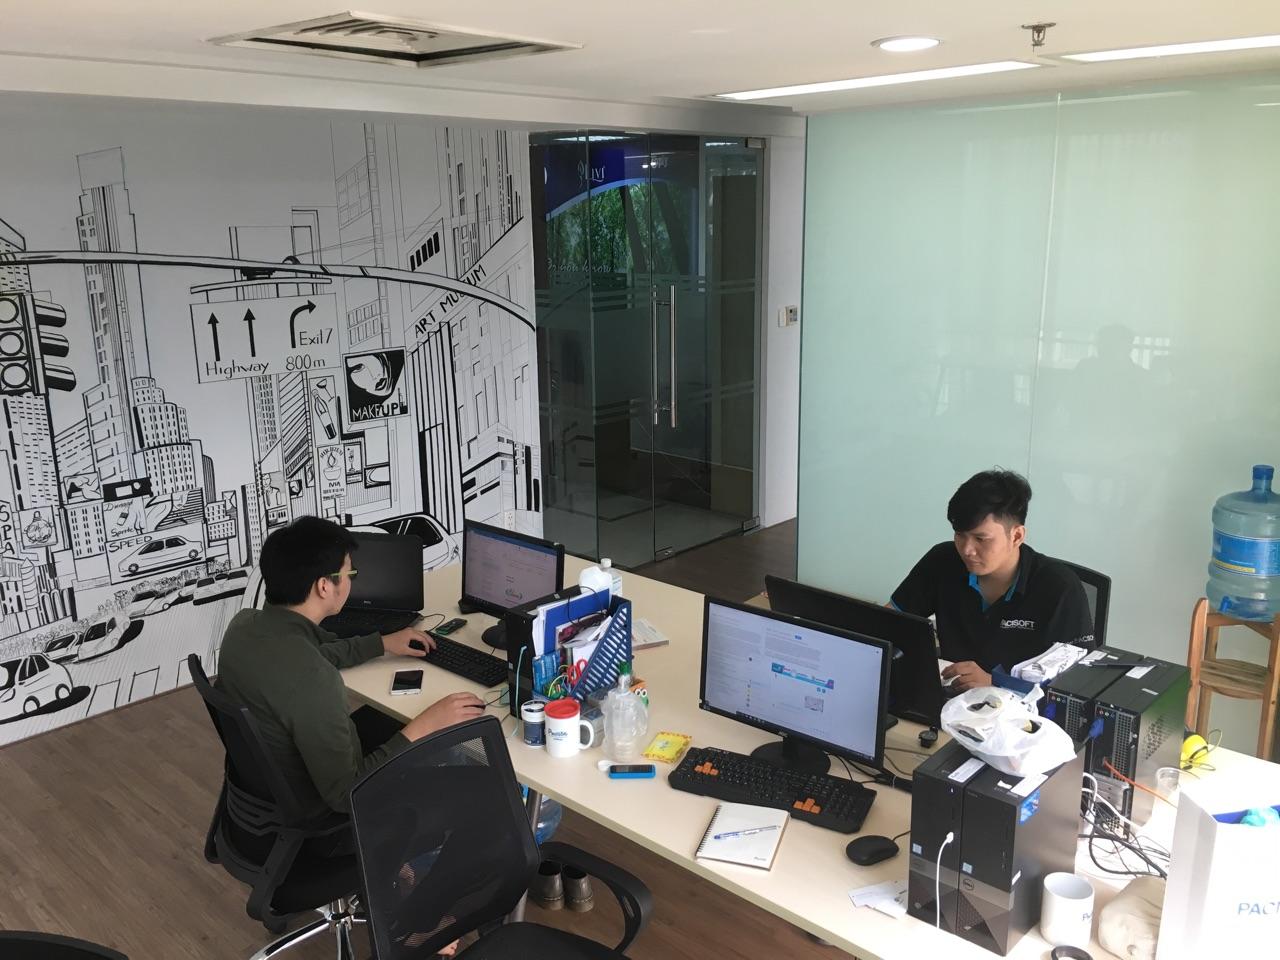 văn phòng pacisoft